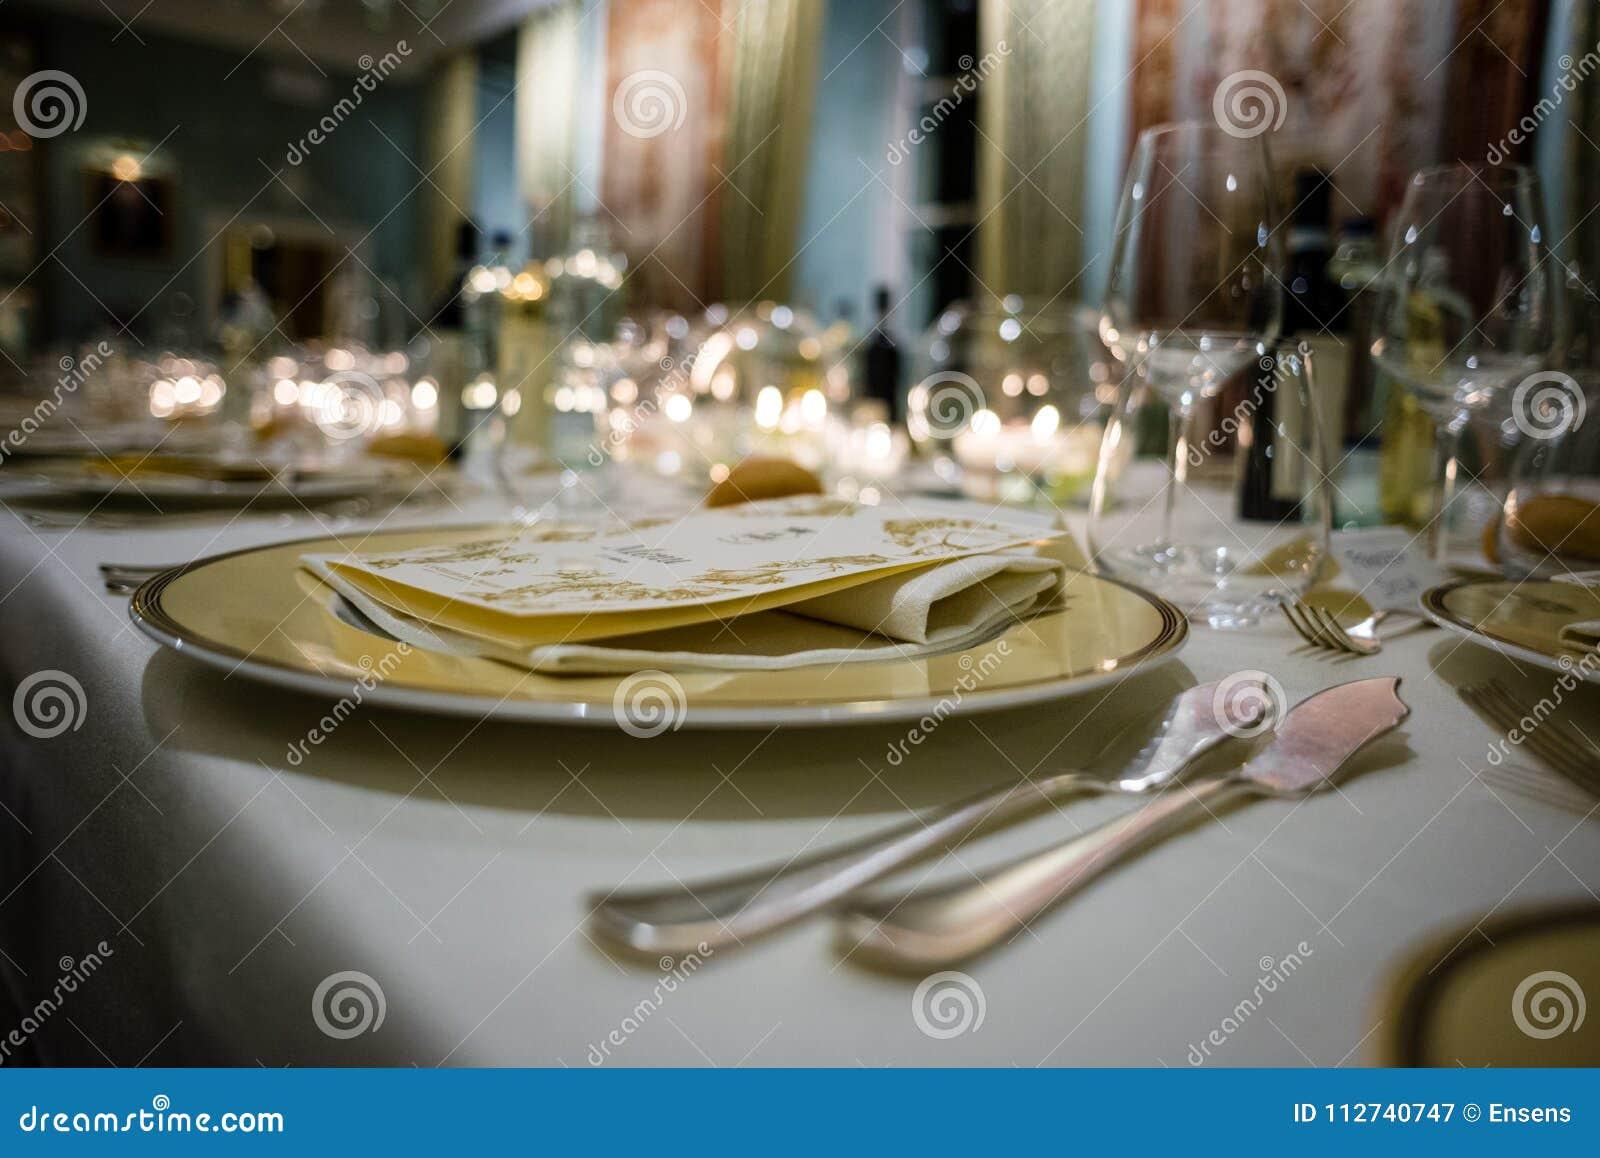 таблица в роскошном ресторане, комплект для гала-ужина